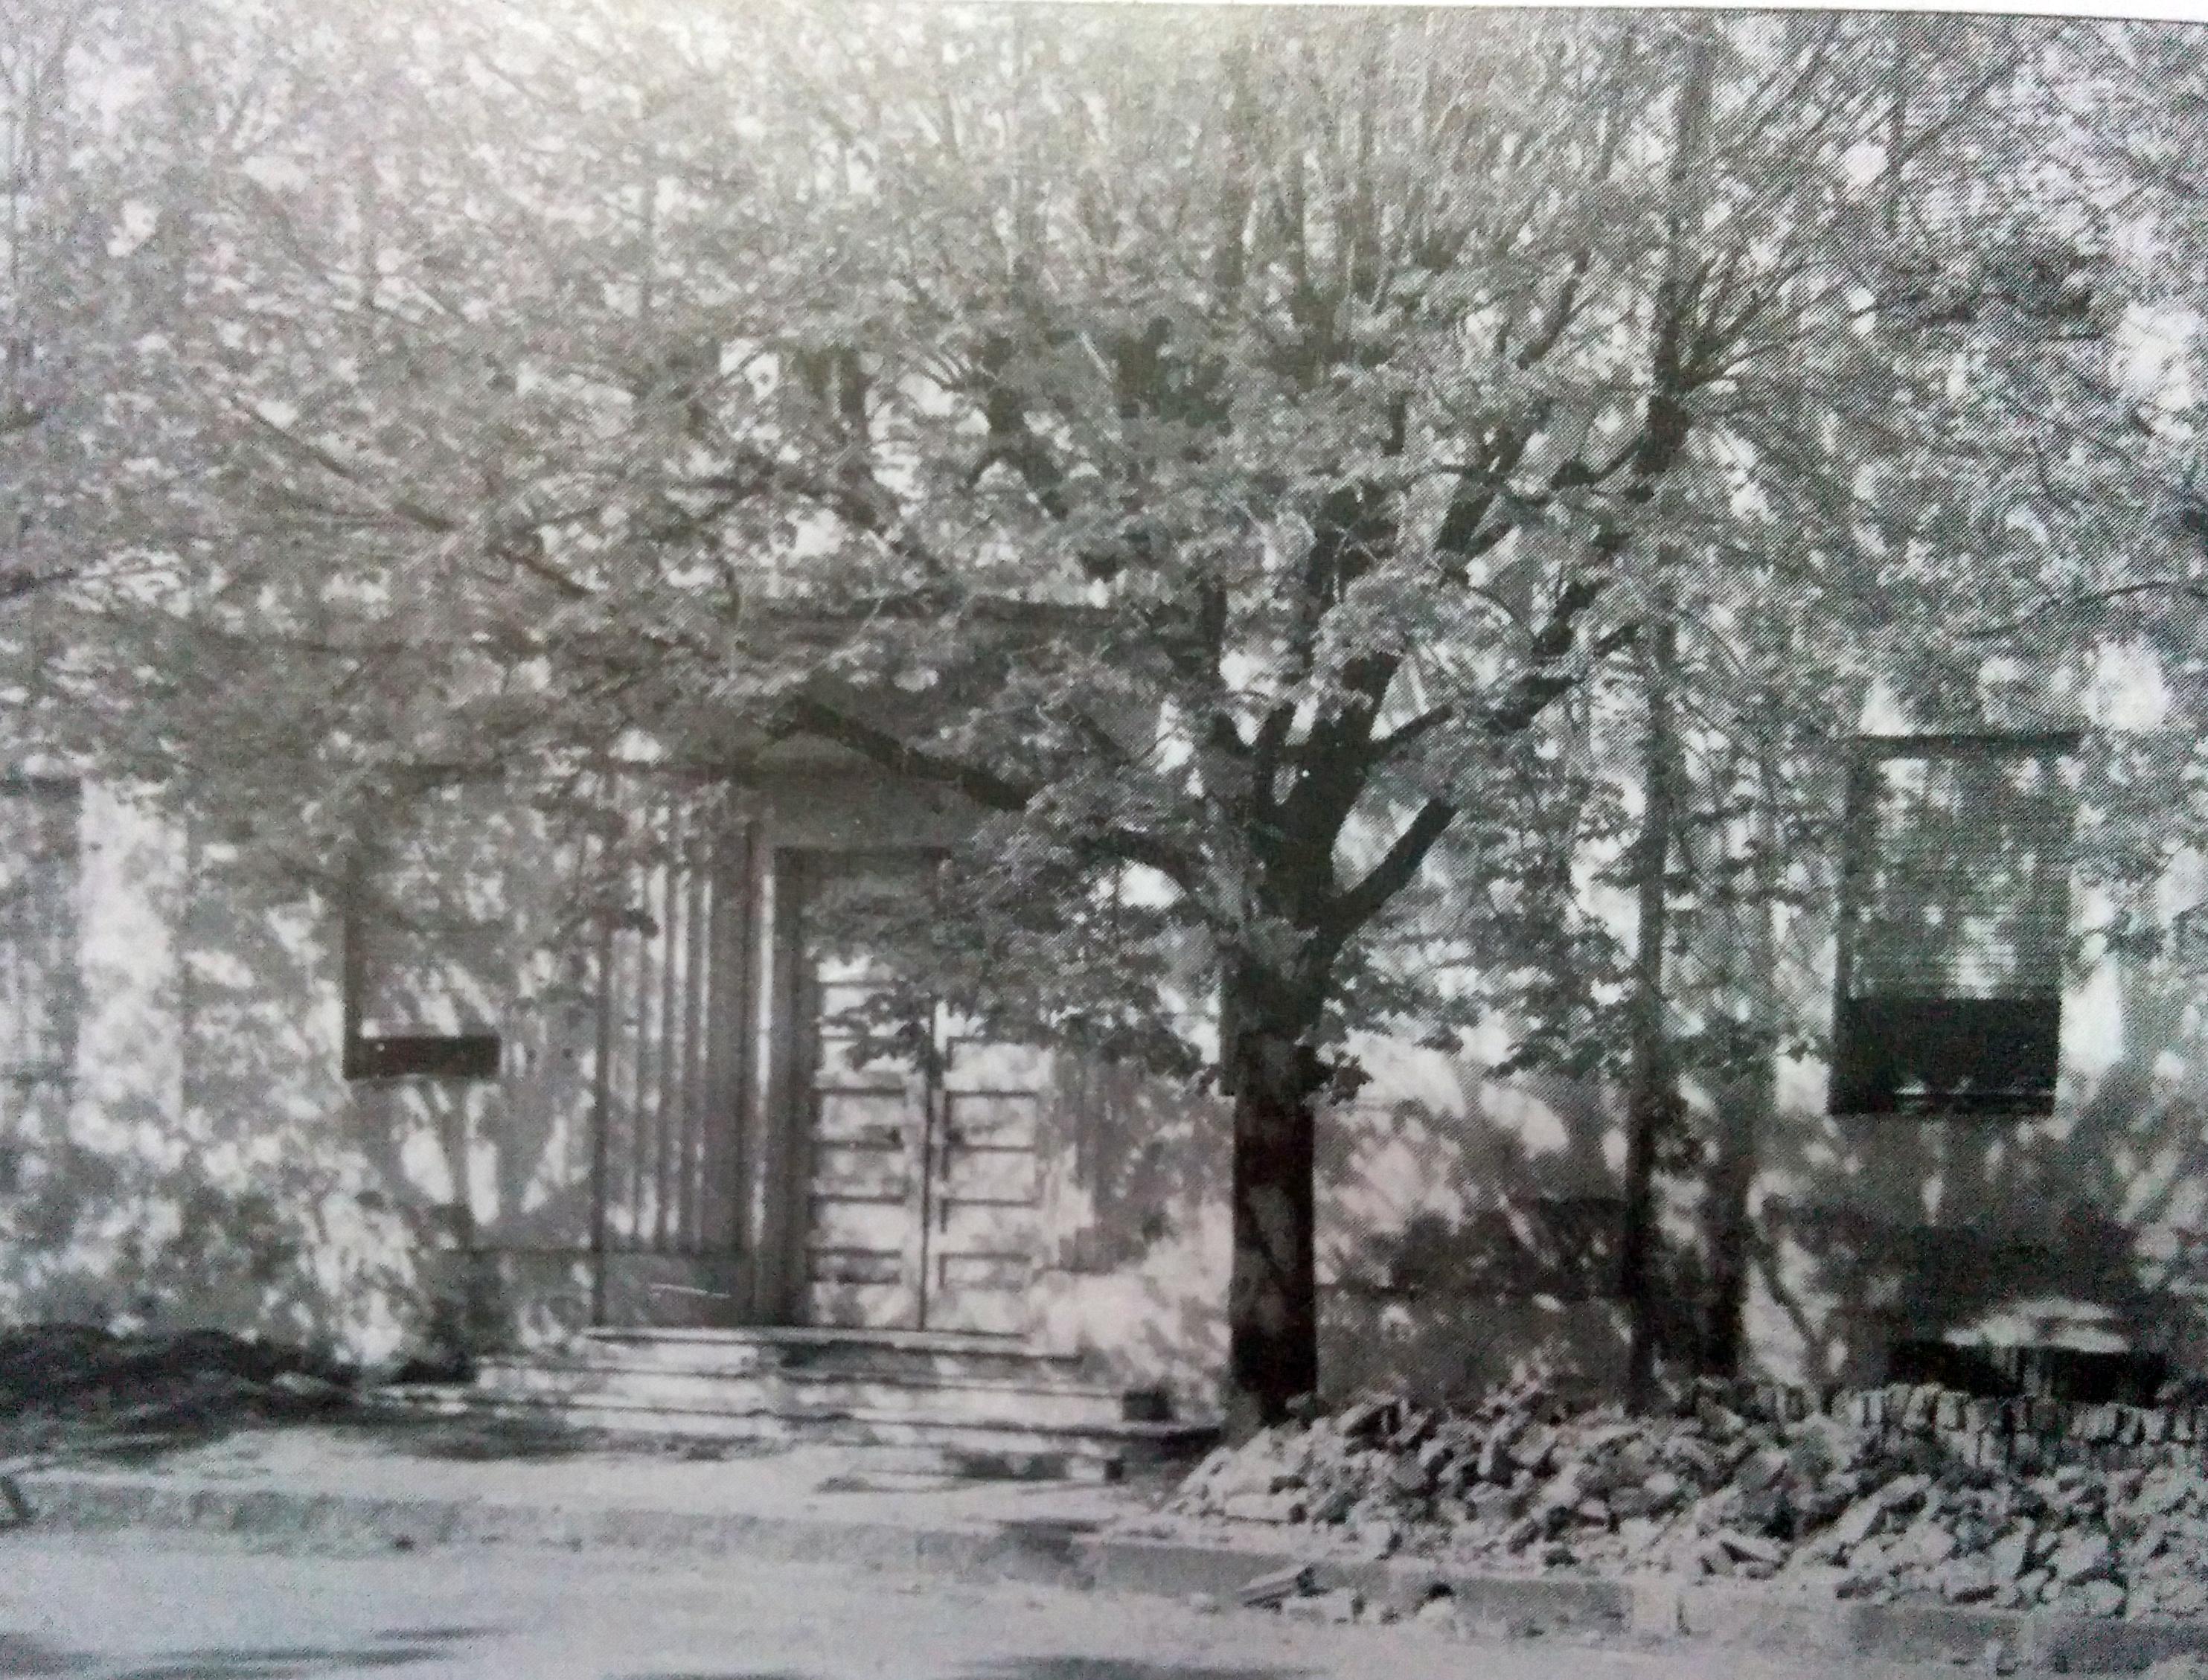 Antiguo acceso, del Hospital Municipal de Chivilcoy, en 1973, cuando se creó la Cooperadora de dicho nosocomio público, el 29 de agosto.